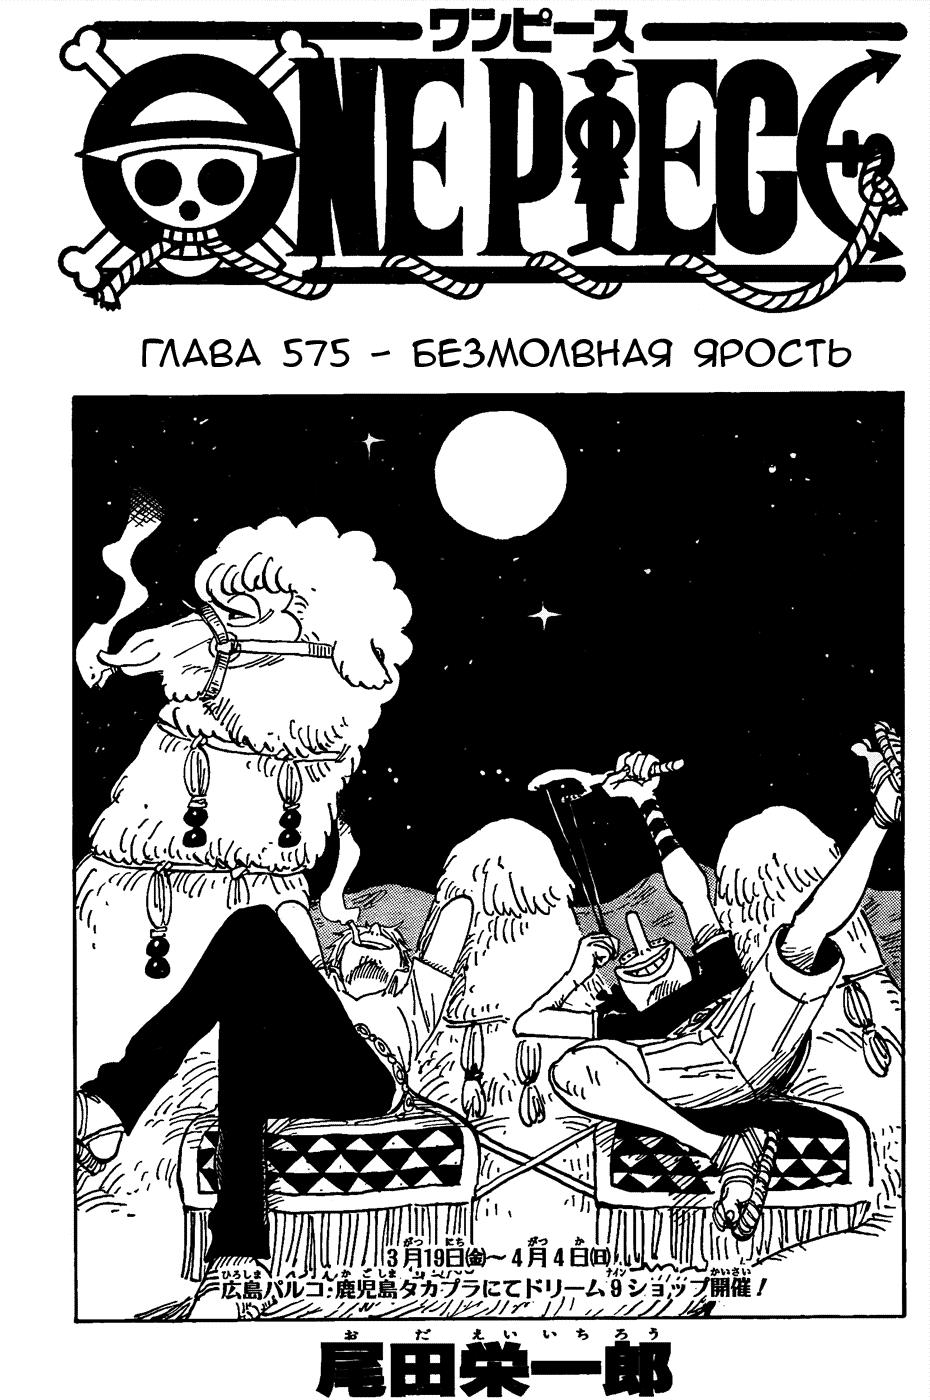 Манга One Piece / Ван Пис Манга One Piece Глава # 575 - Безмолвная ярость, страница 1